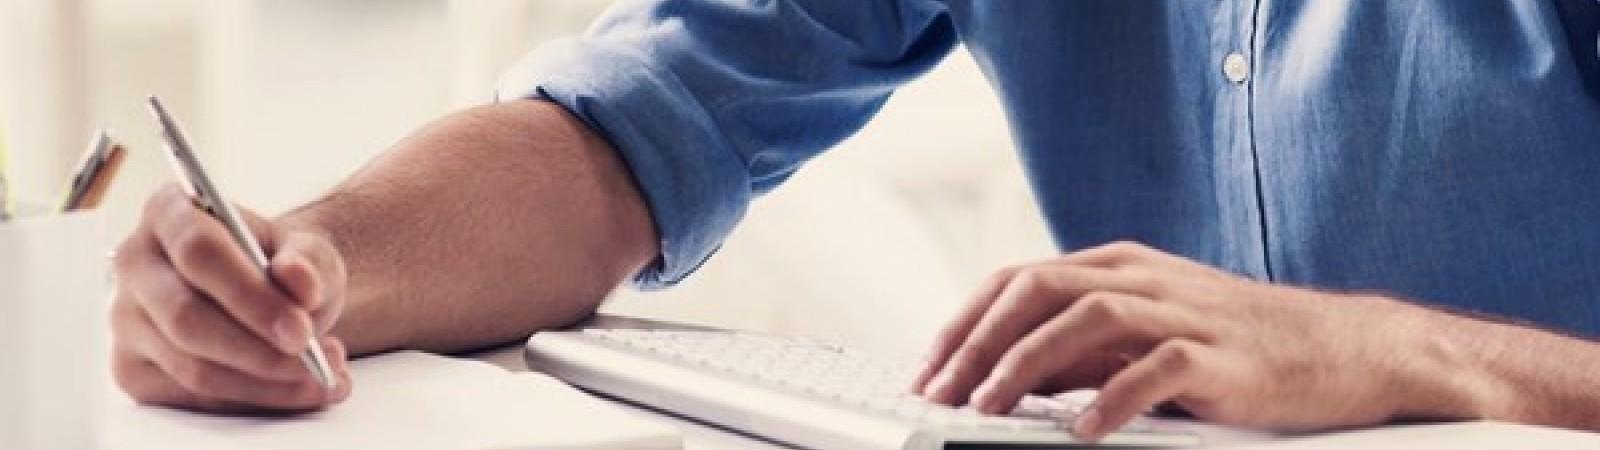 Corso Online di Web Designer